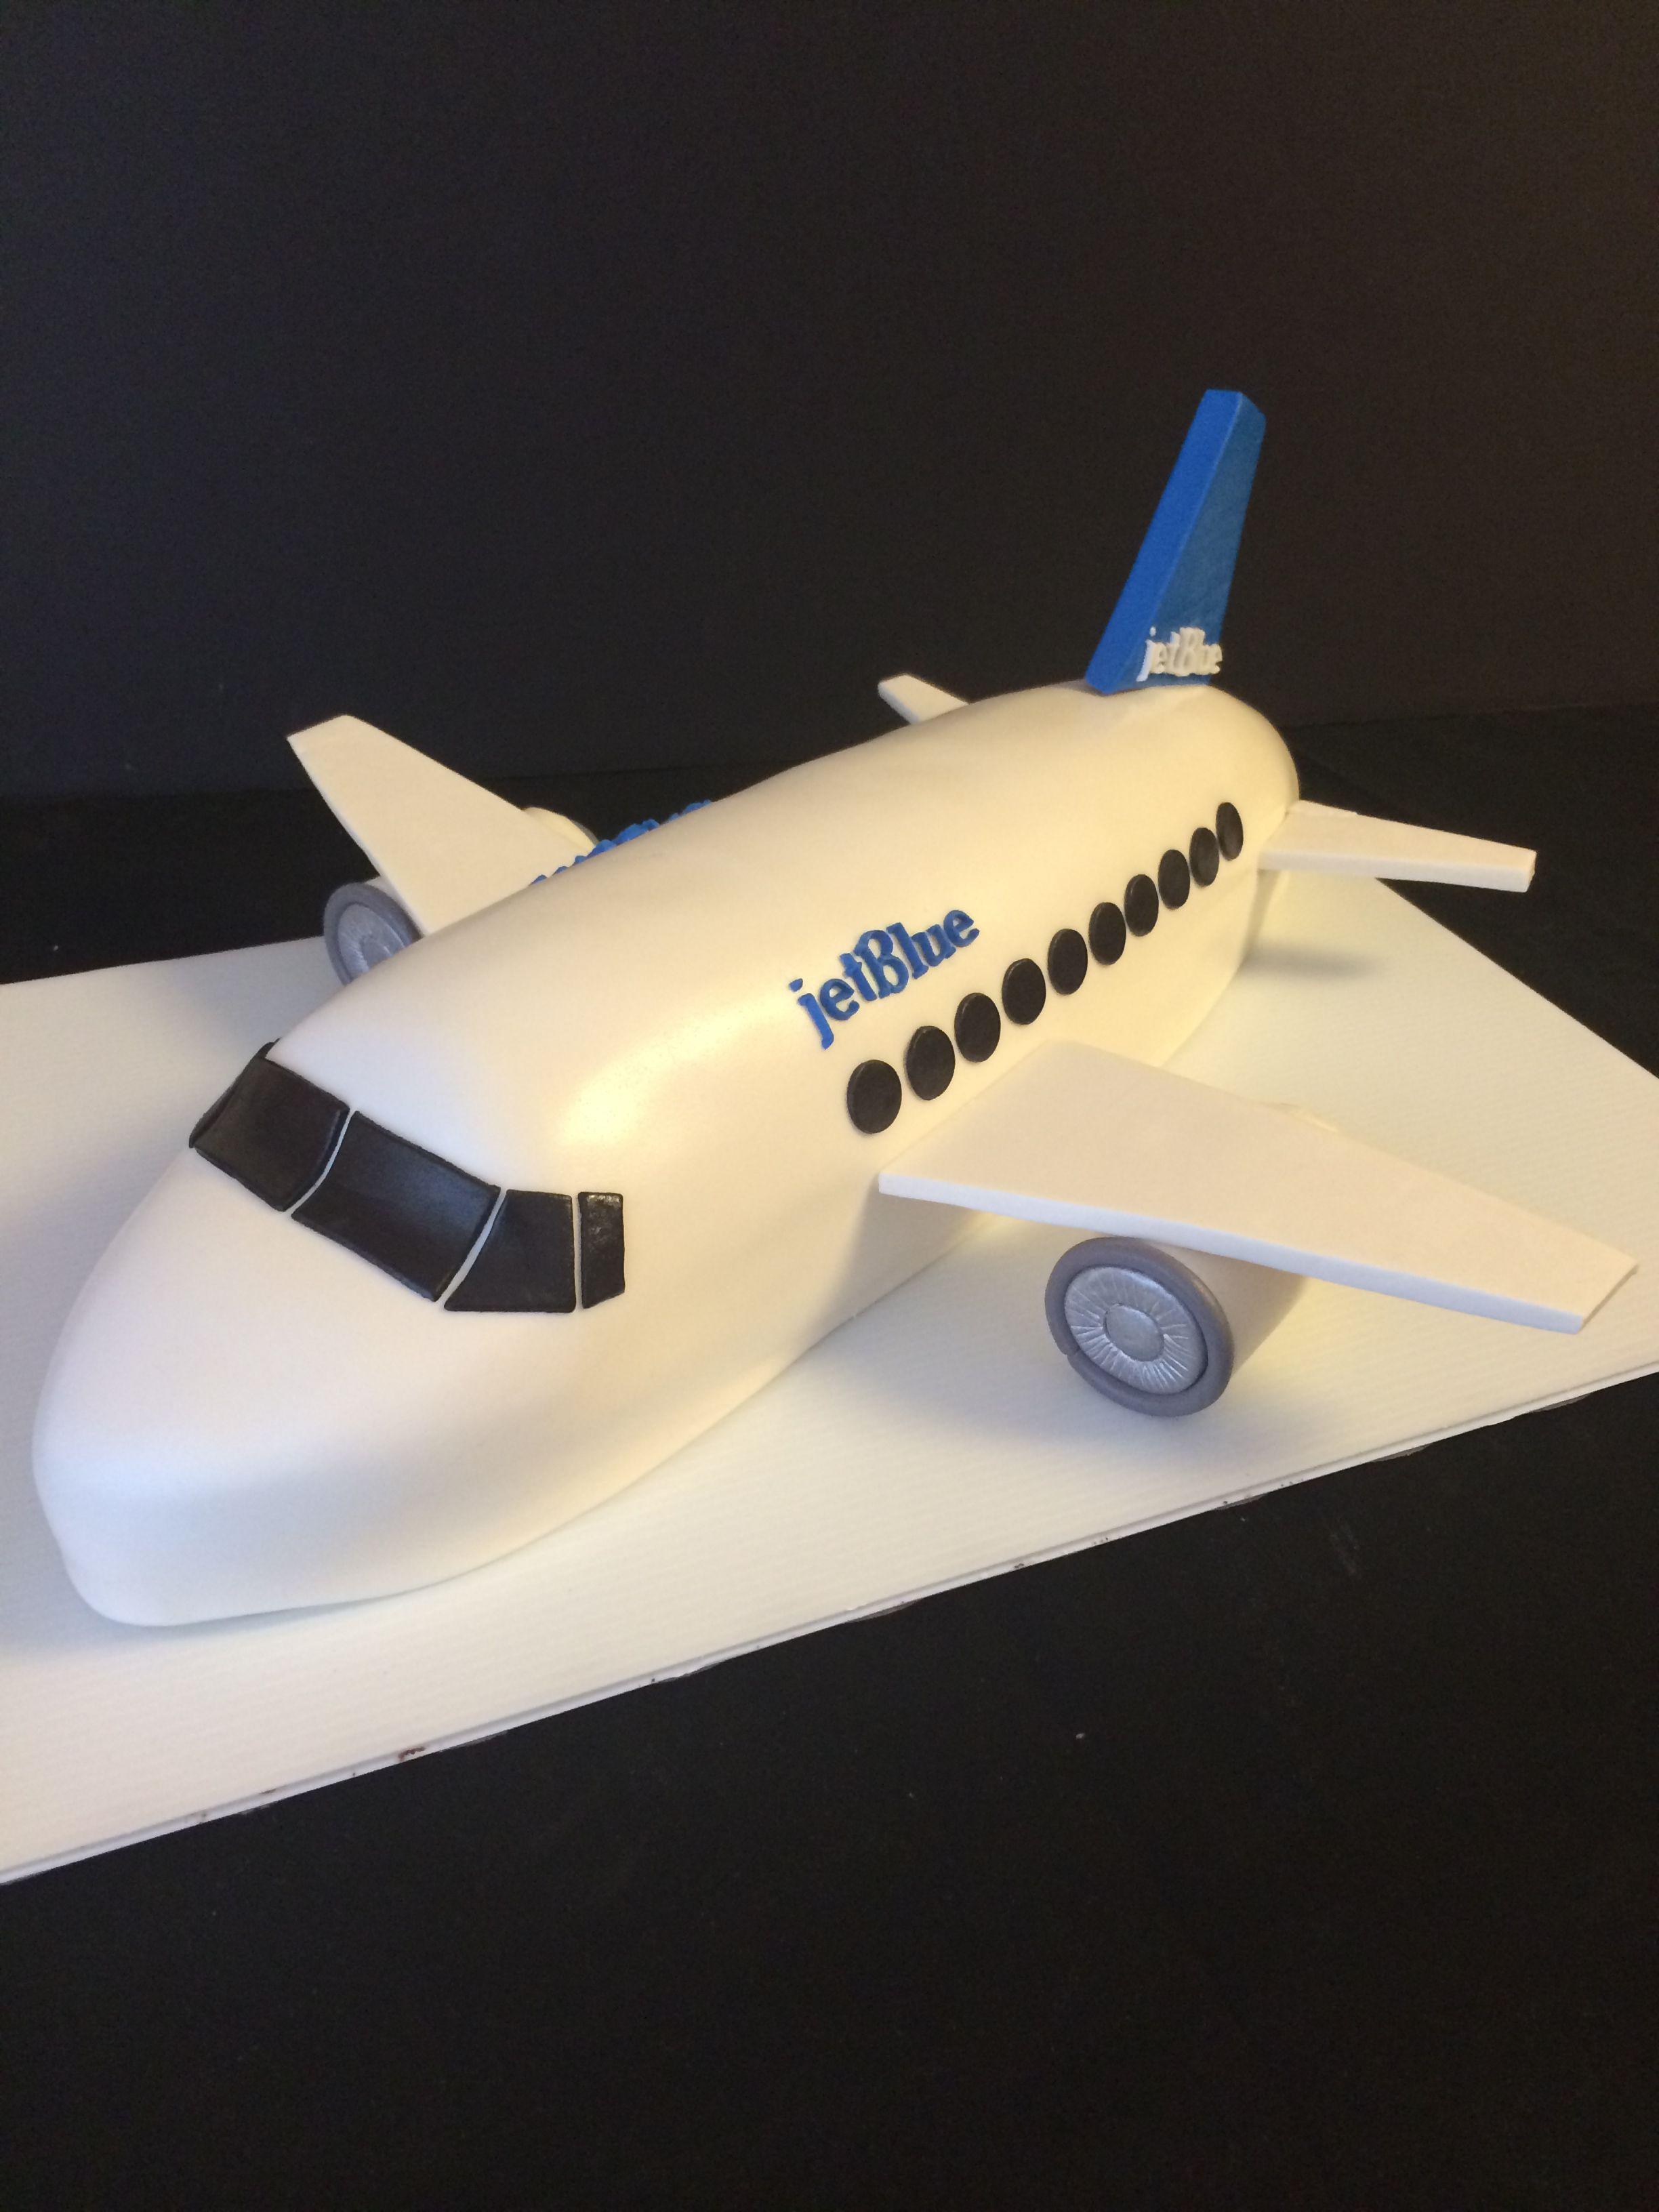 JetBlue Cake Jetblue, Fighter jets, Fighter